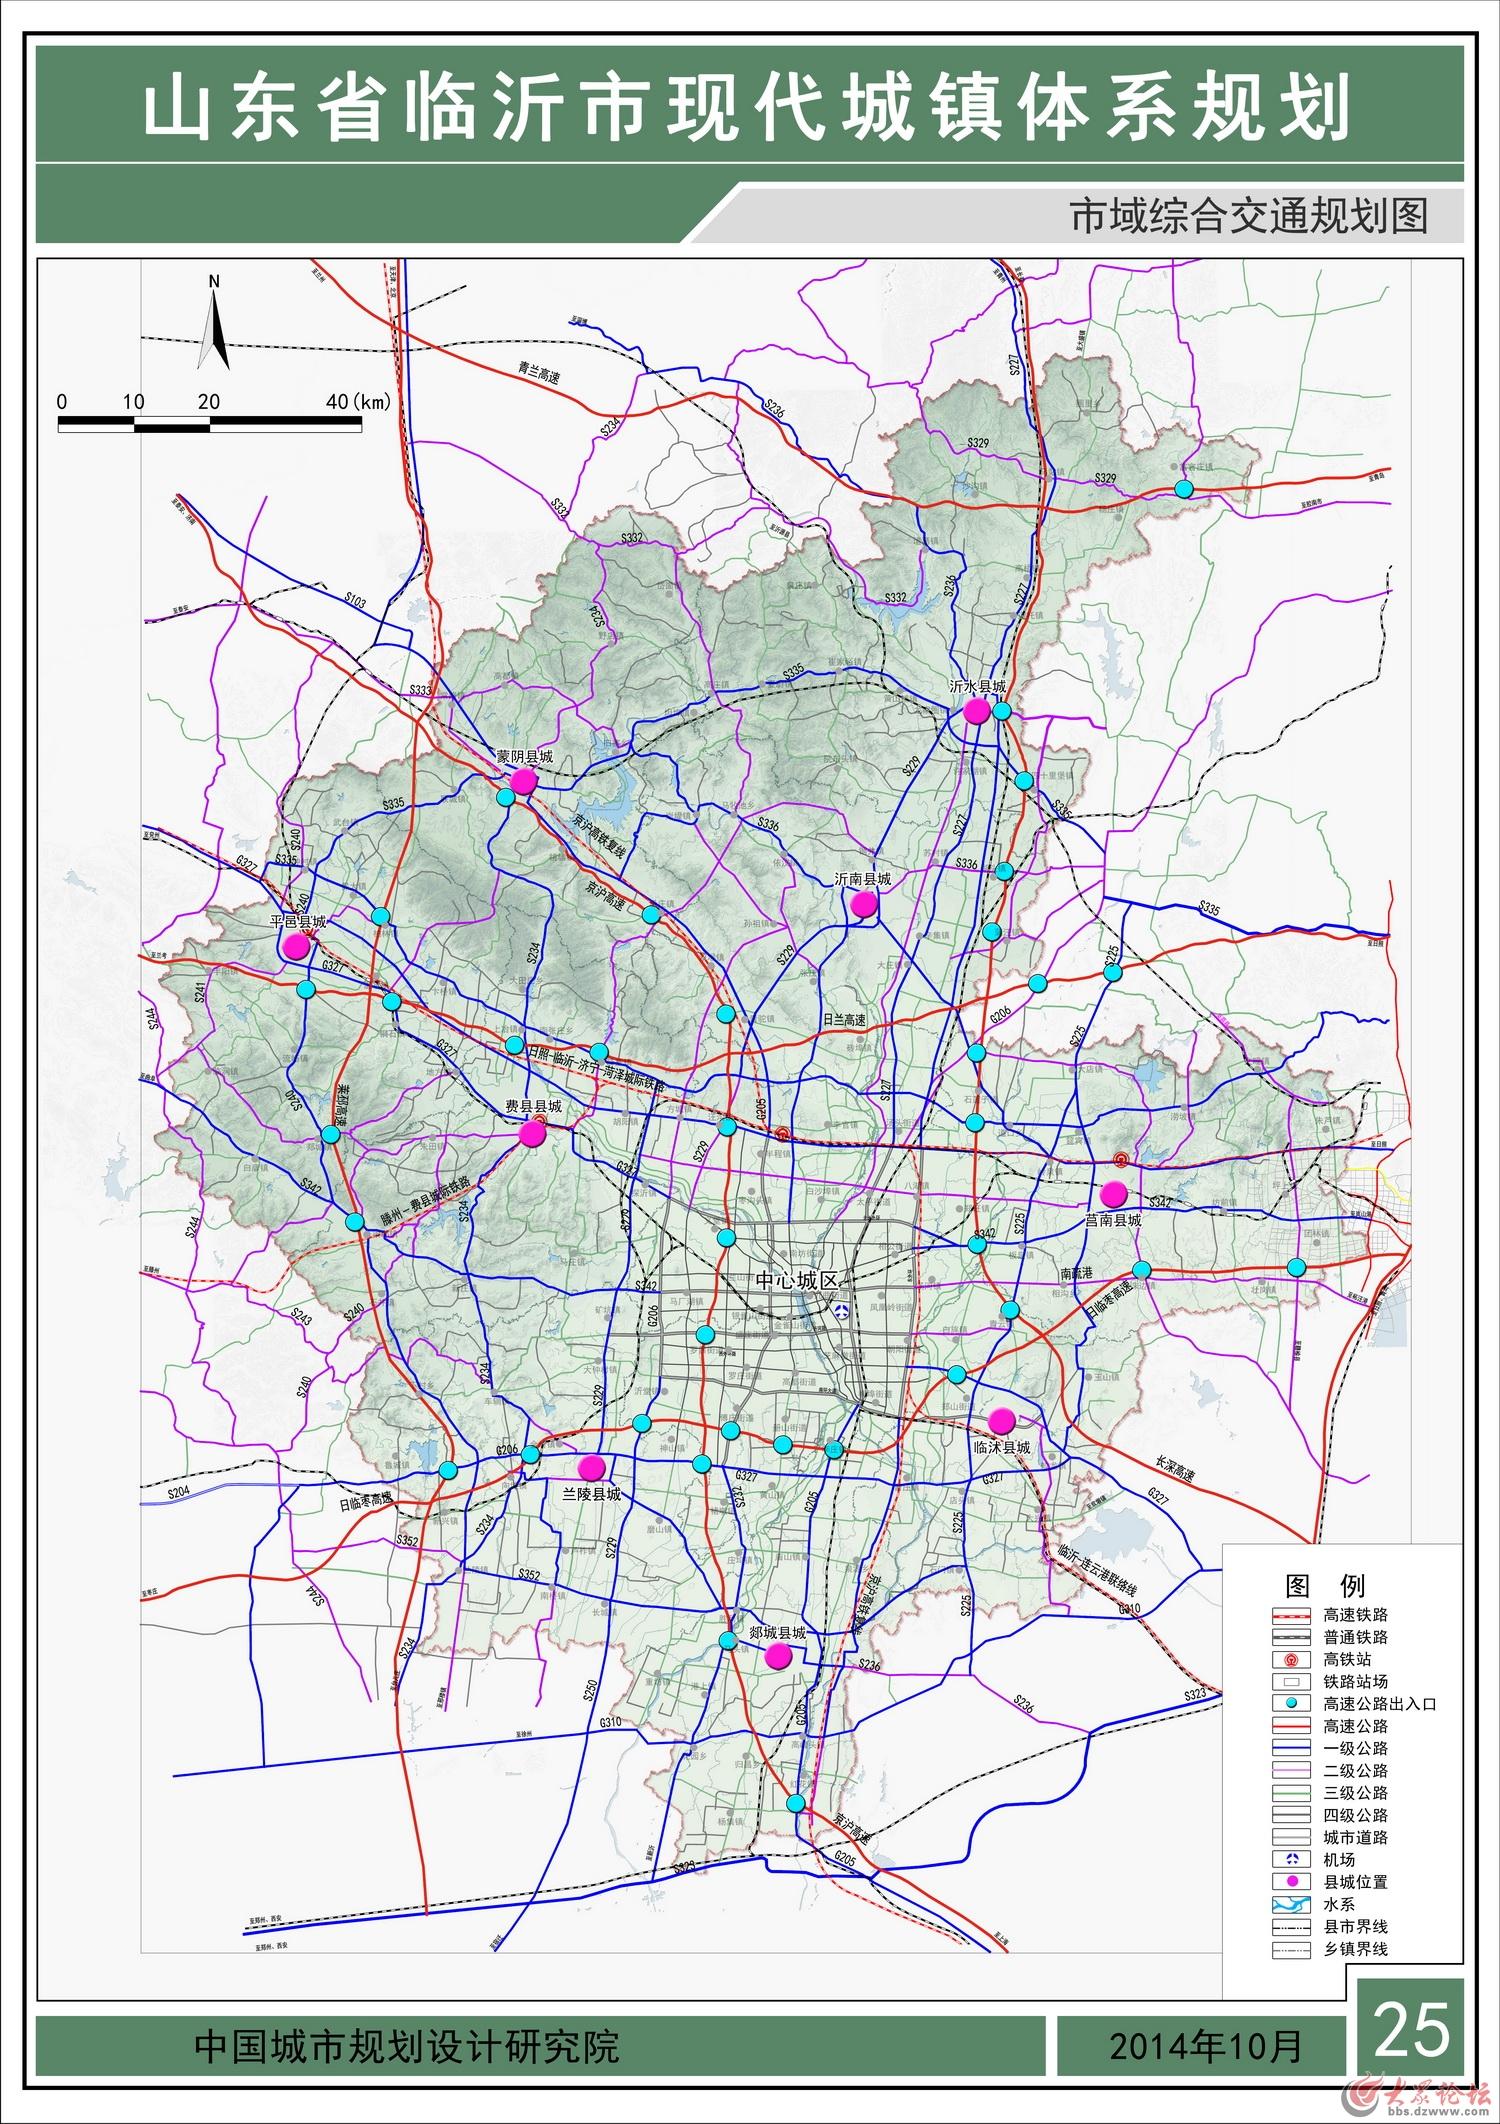 新台高速高路线路已定,台儿庄境内走泥沟西马兰东